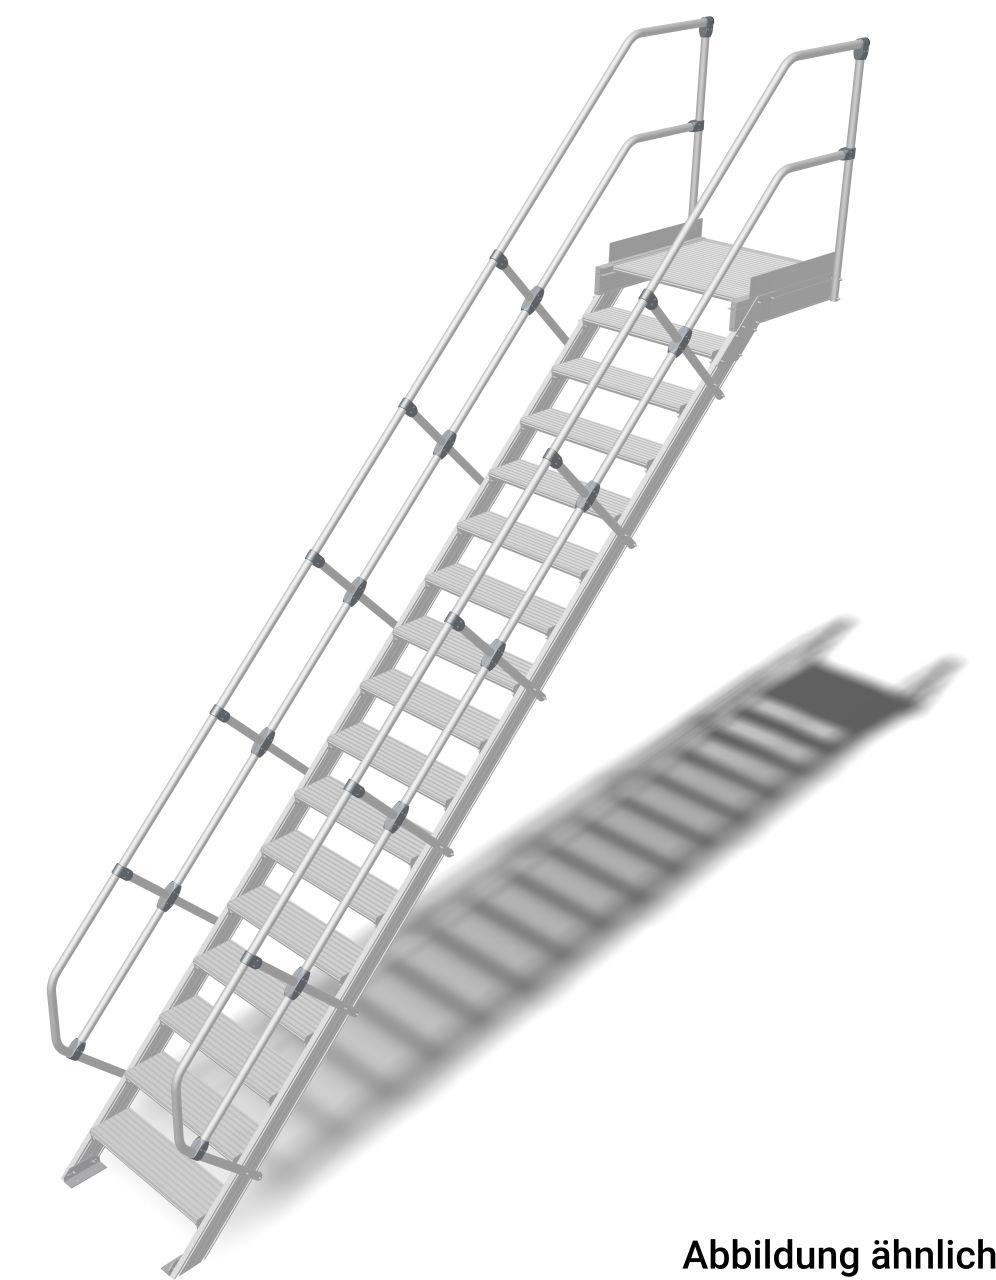 Treppe mit Plattform (Leichtmetall) Robuste Aluminium-Treppe für den sicheren Zugang zu Türen oder Zwischenböden etc. in Anlehnung an die DIN EN ISO14180